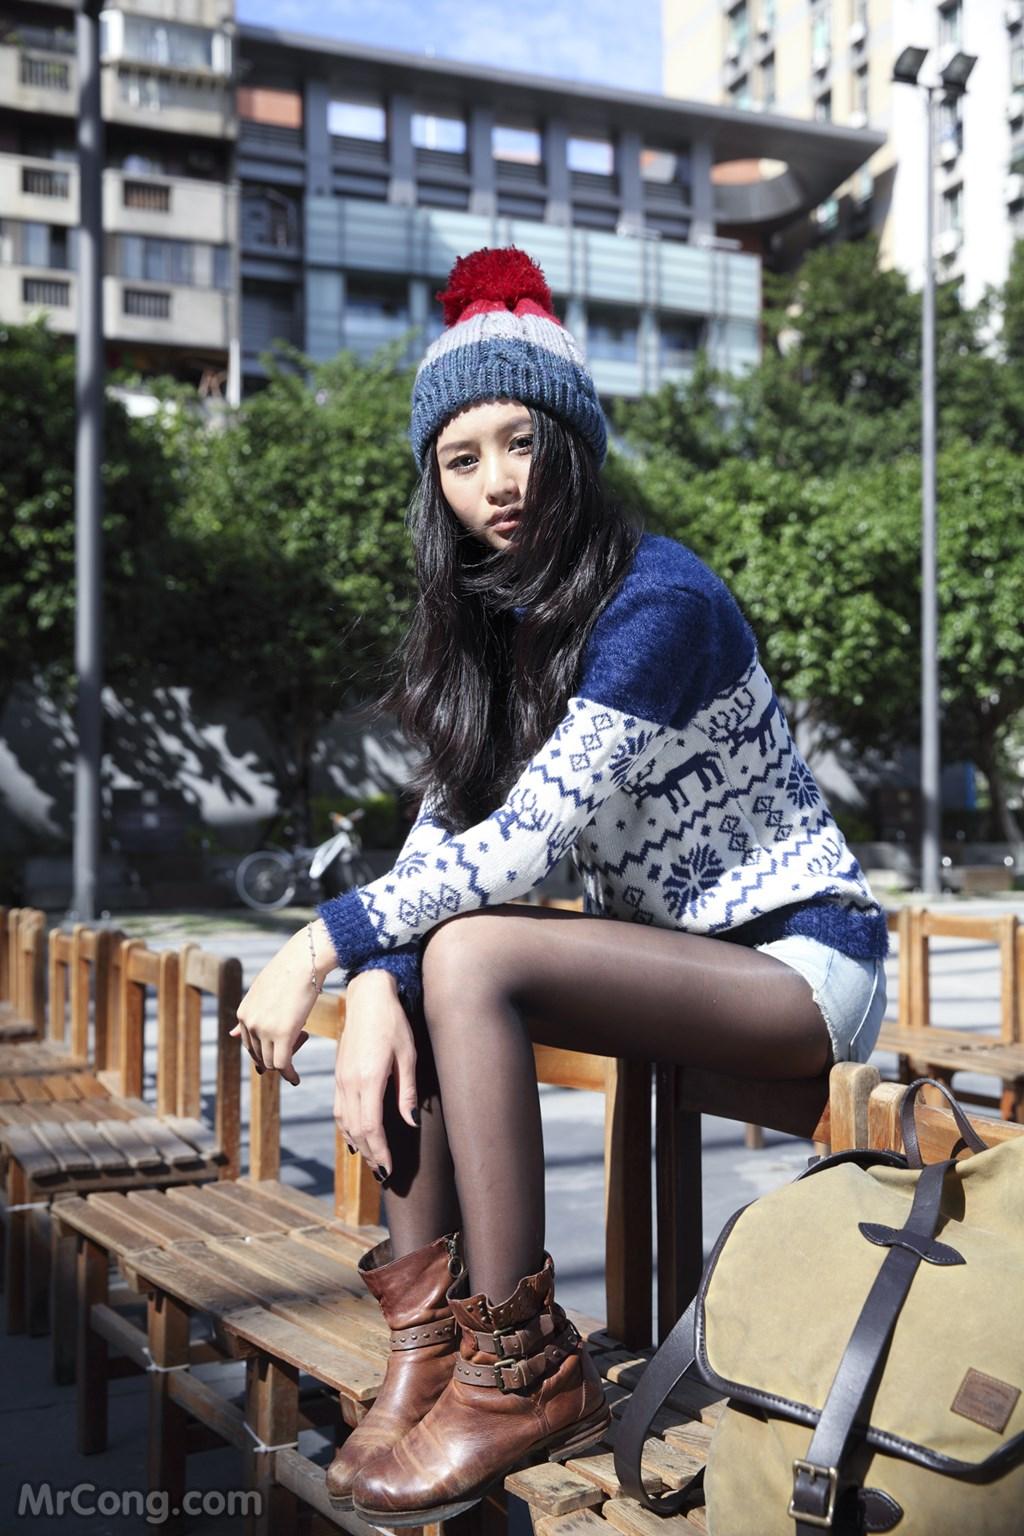 Image Girl-xinh-Dai-Loan-by-Joseph-Huang-Phan-1-MrCong.com-0006 in post Các cô gái Đài Loan qua góc chụp của Joseph Huang (黃阿文) - Phần 1 (1480 ảnh)